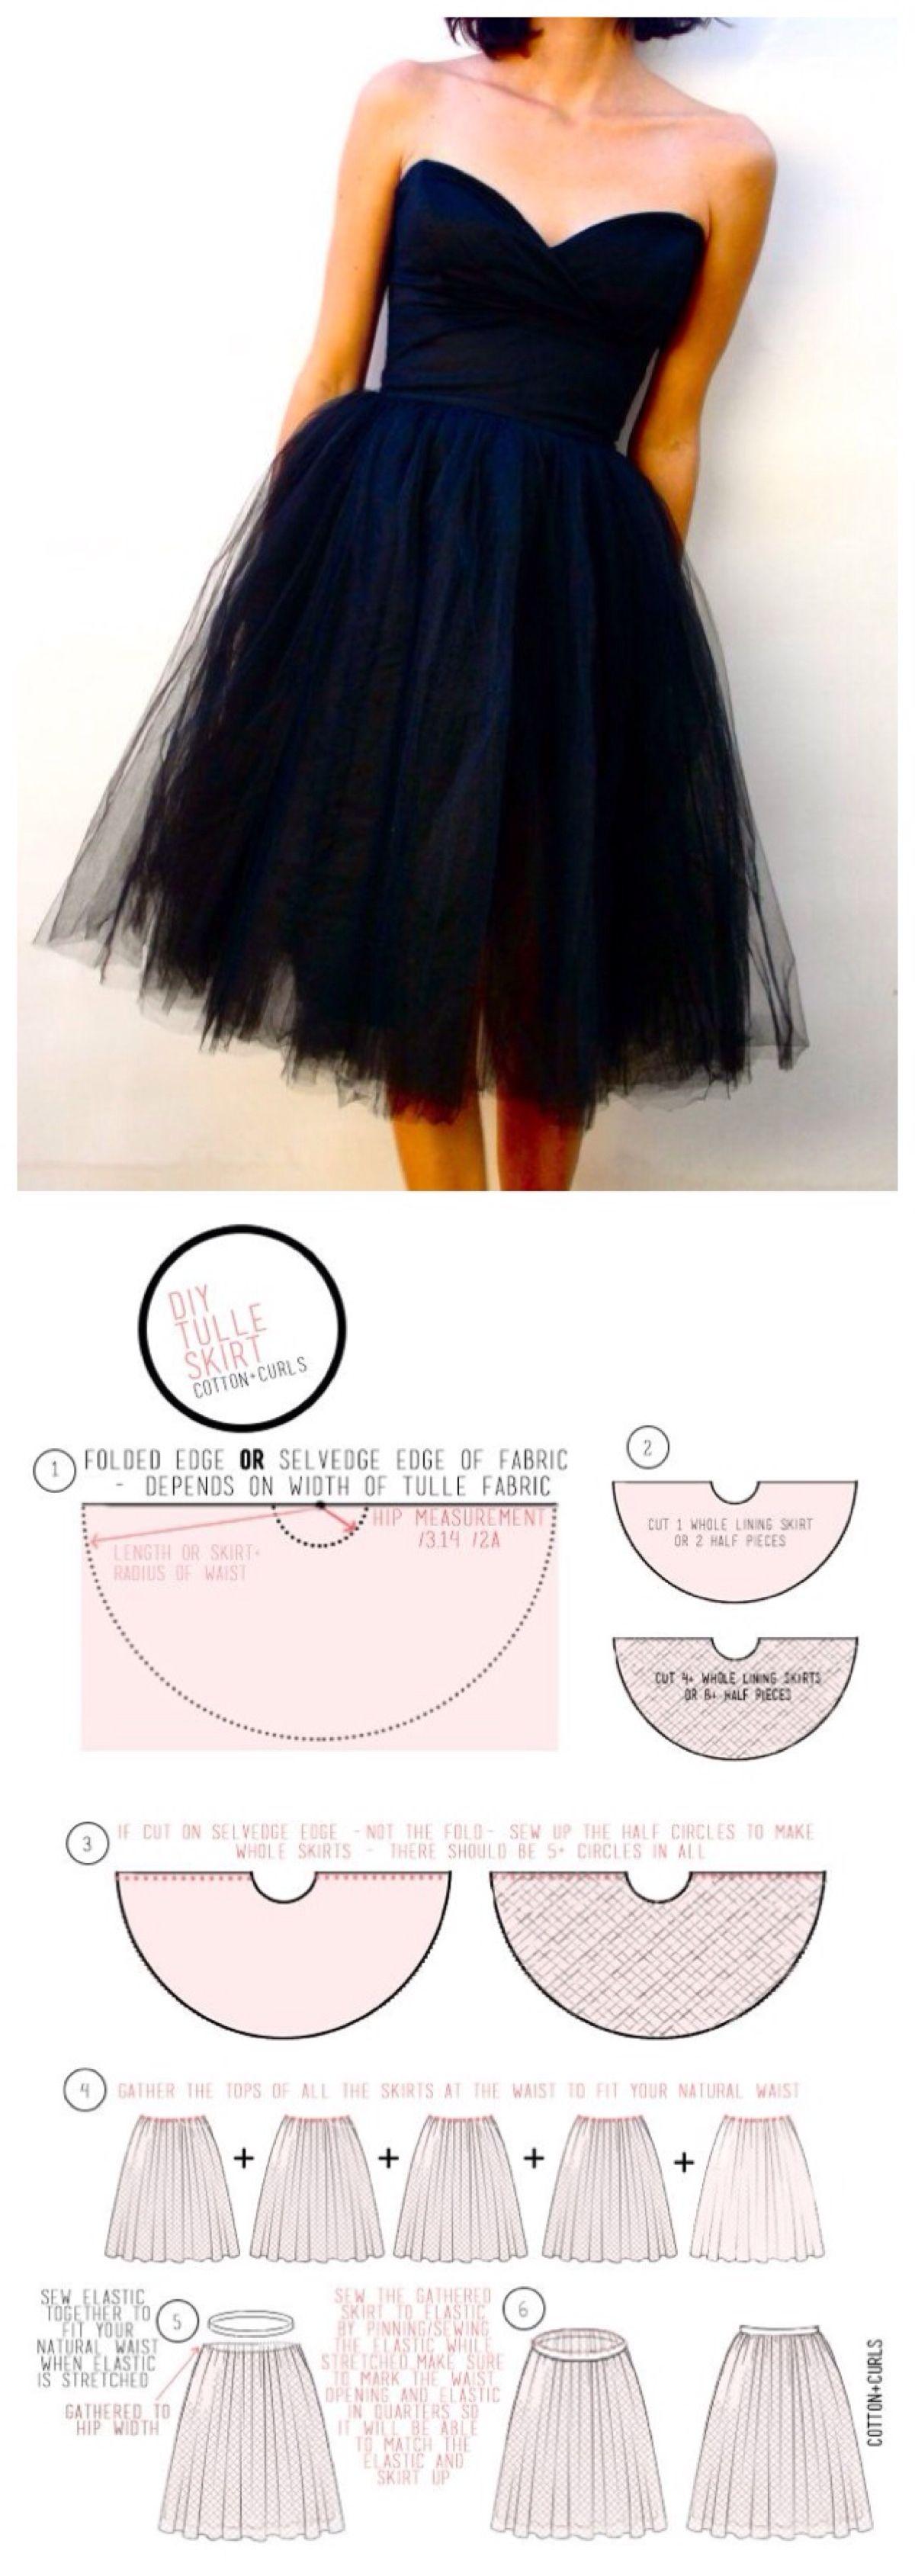 18183b3184 DIY tulle skirt